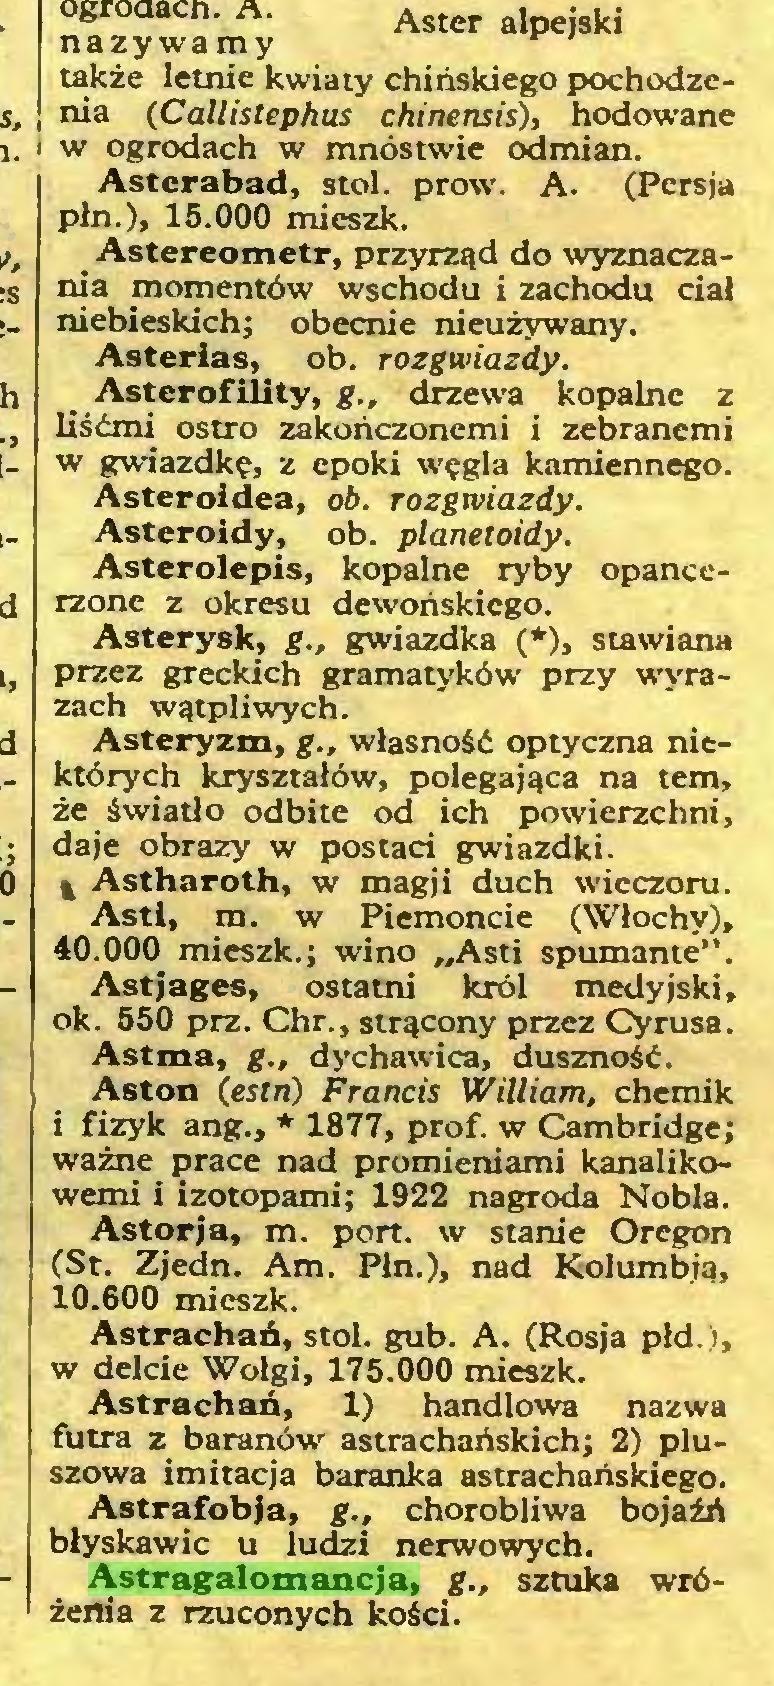 (...) Astragalomancja, g., sztuka wróżenia z rzuconych kości. Aster alpejski...